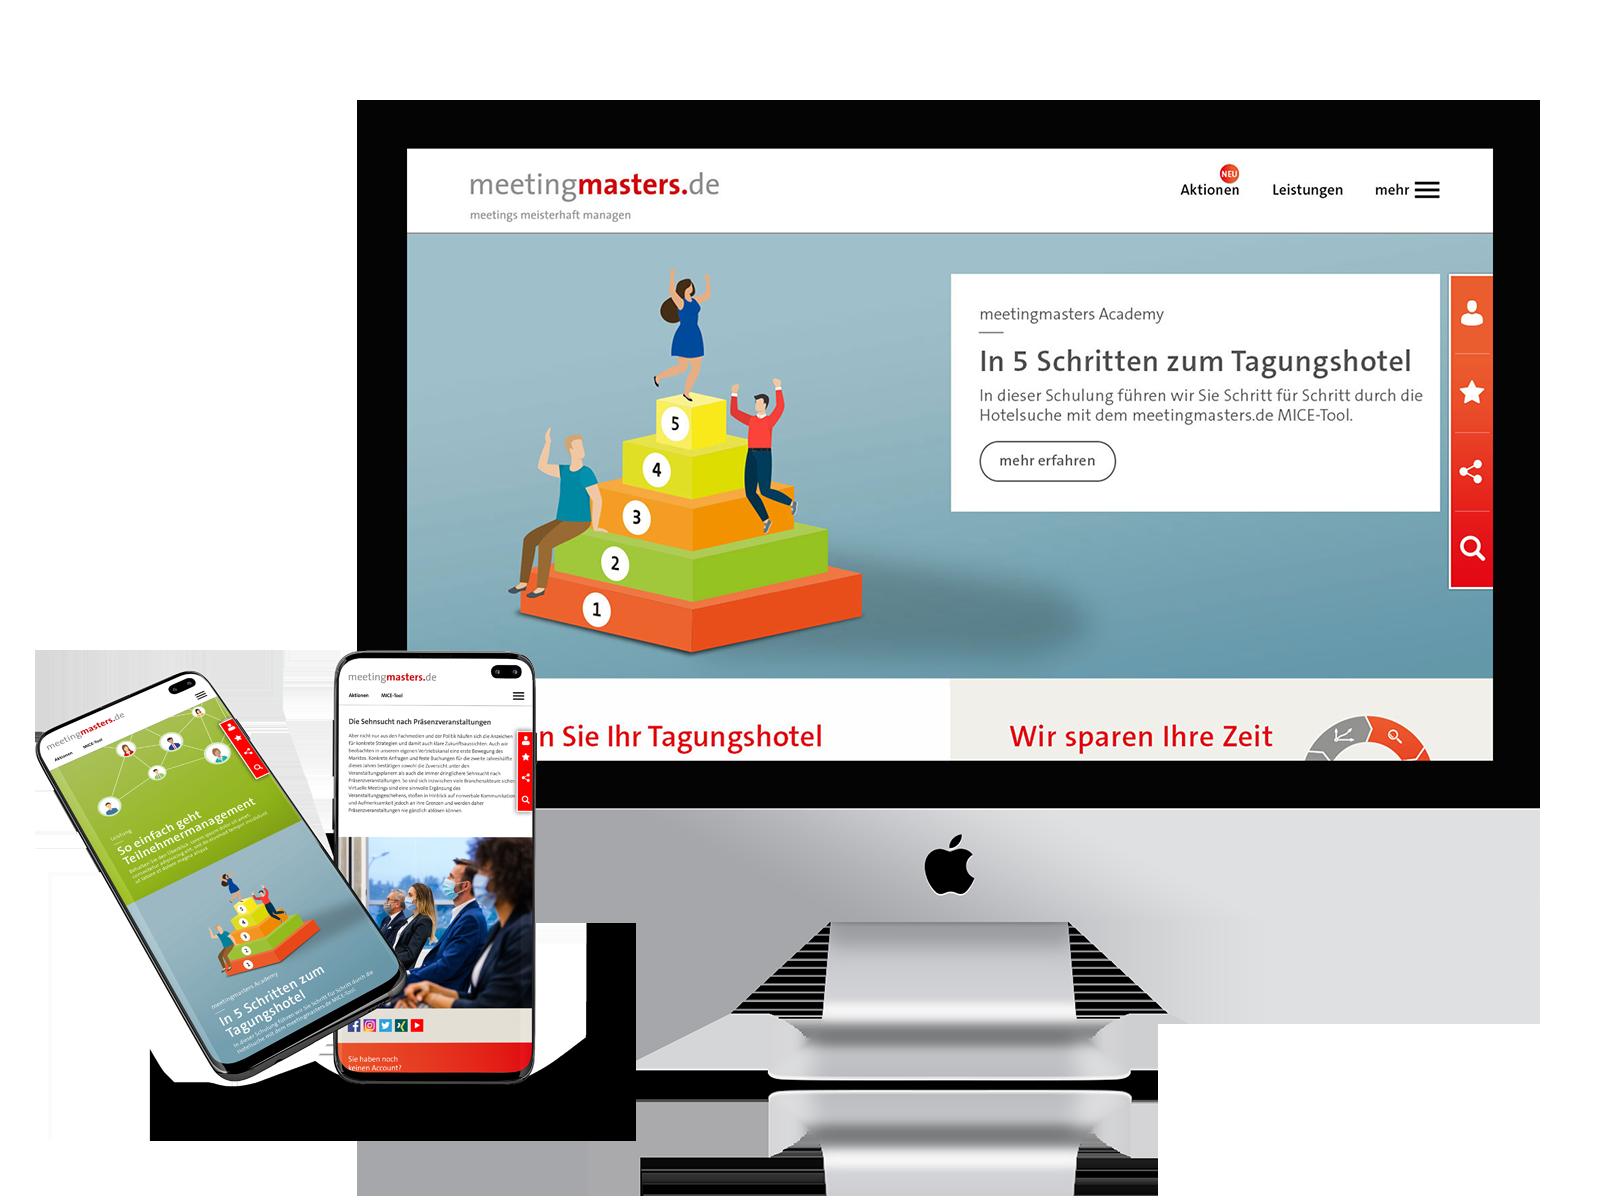 Onlinepräsenz meetingmasters.de